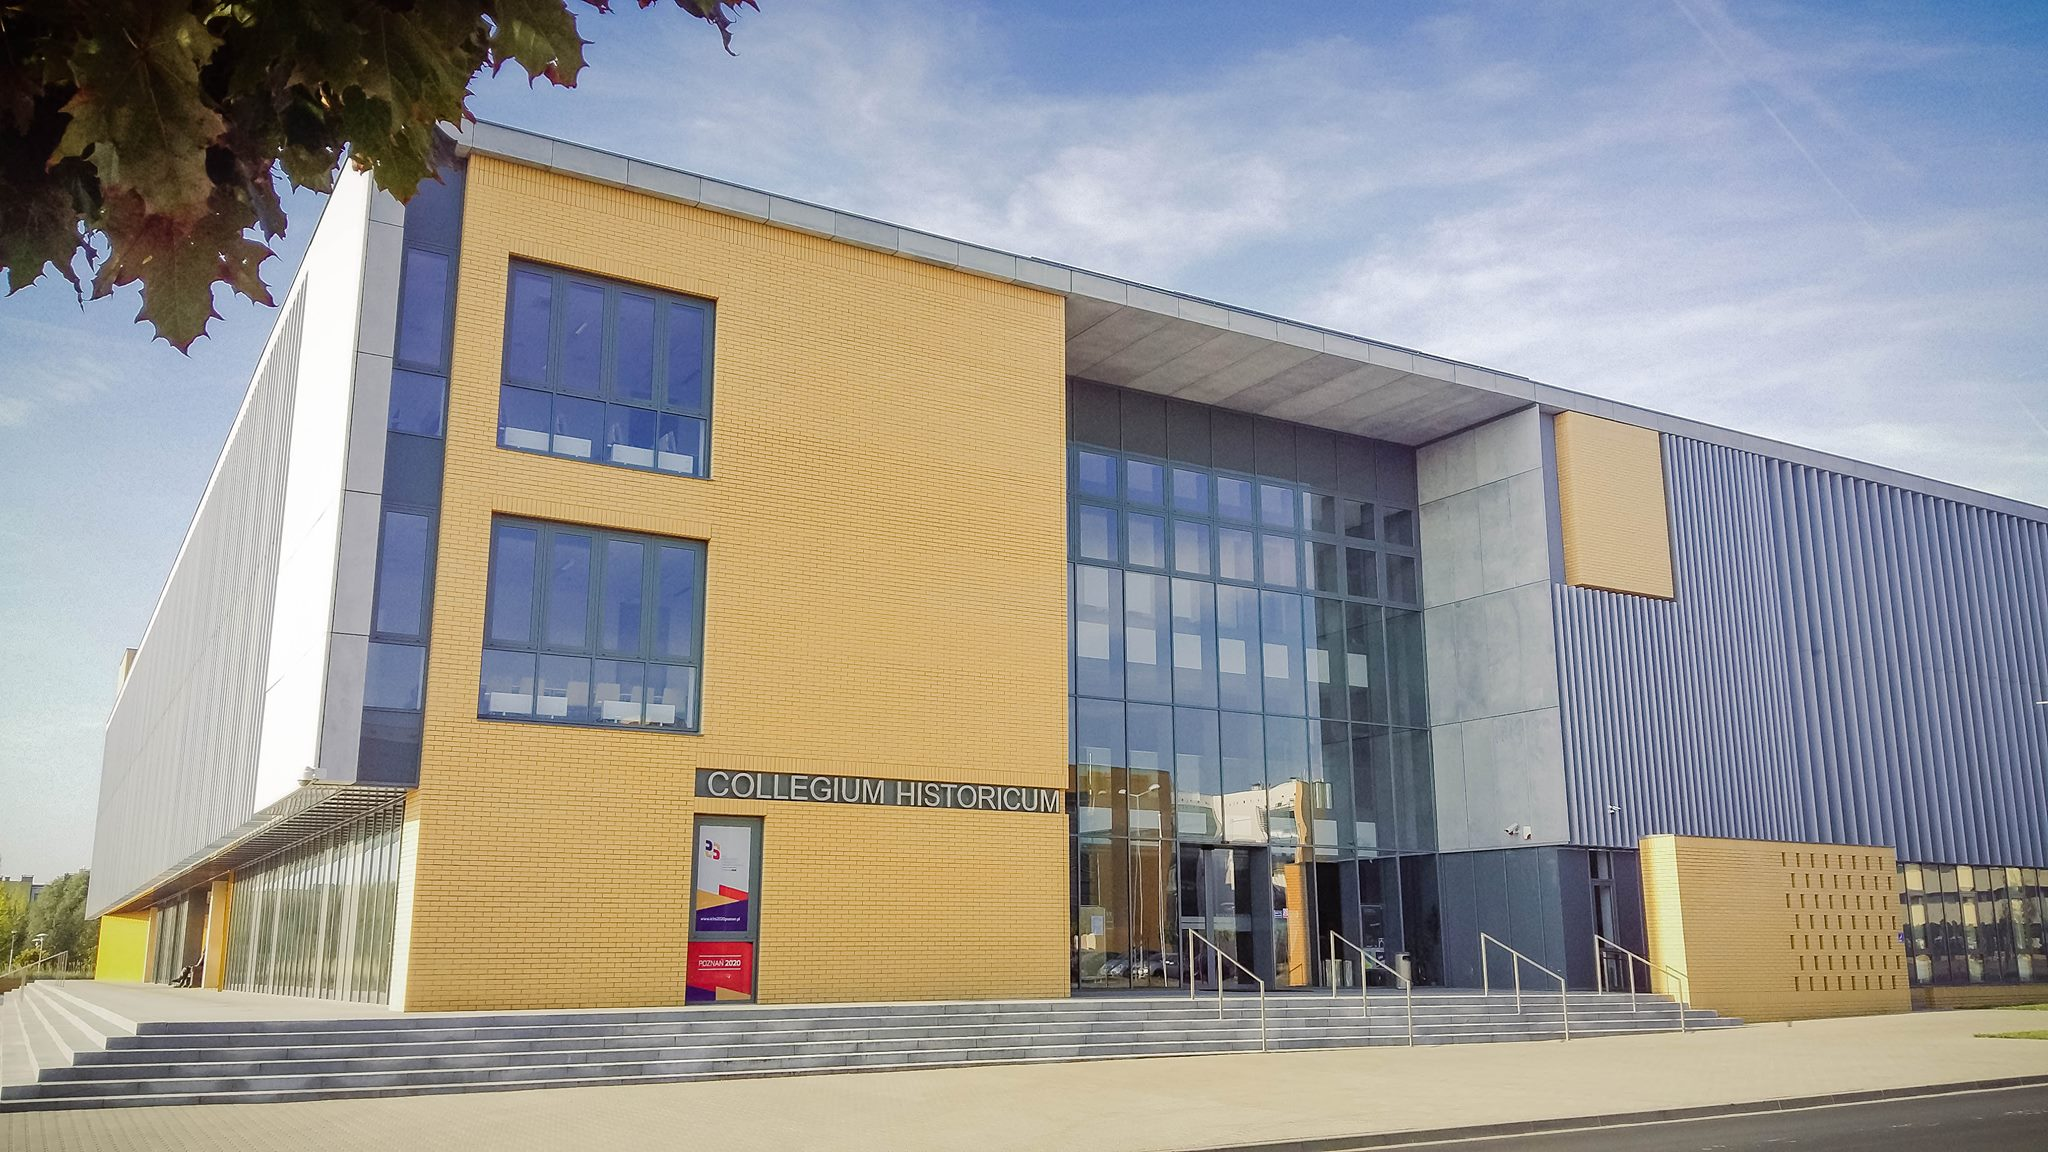 Collegium Historicum